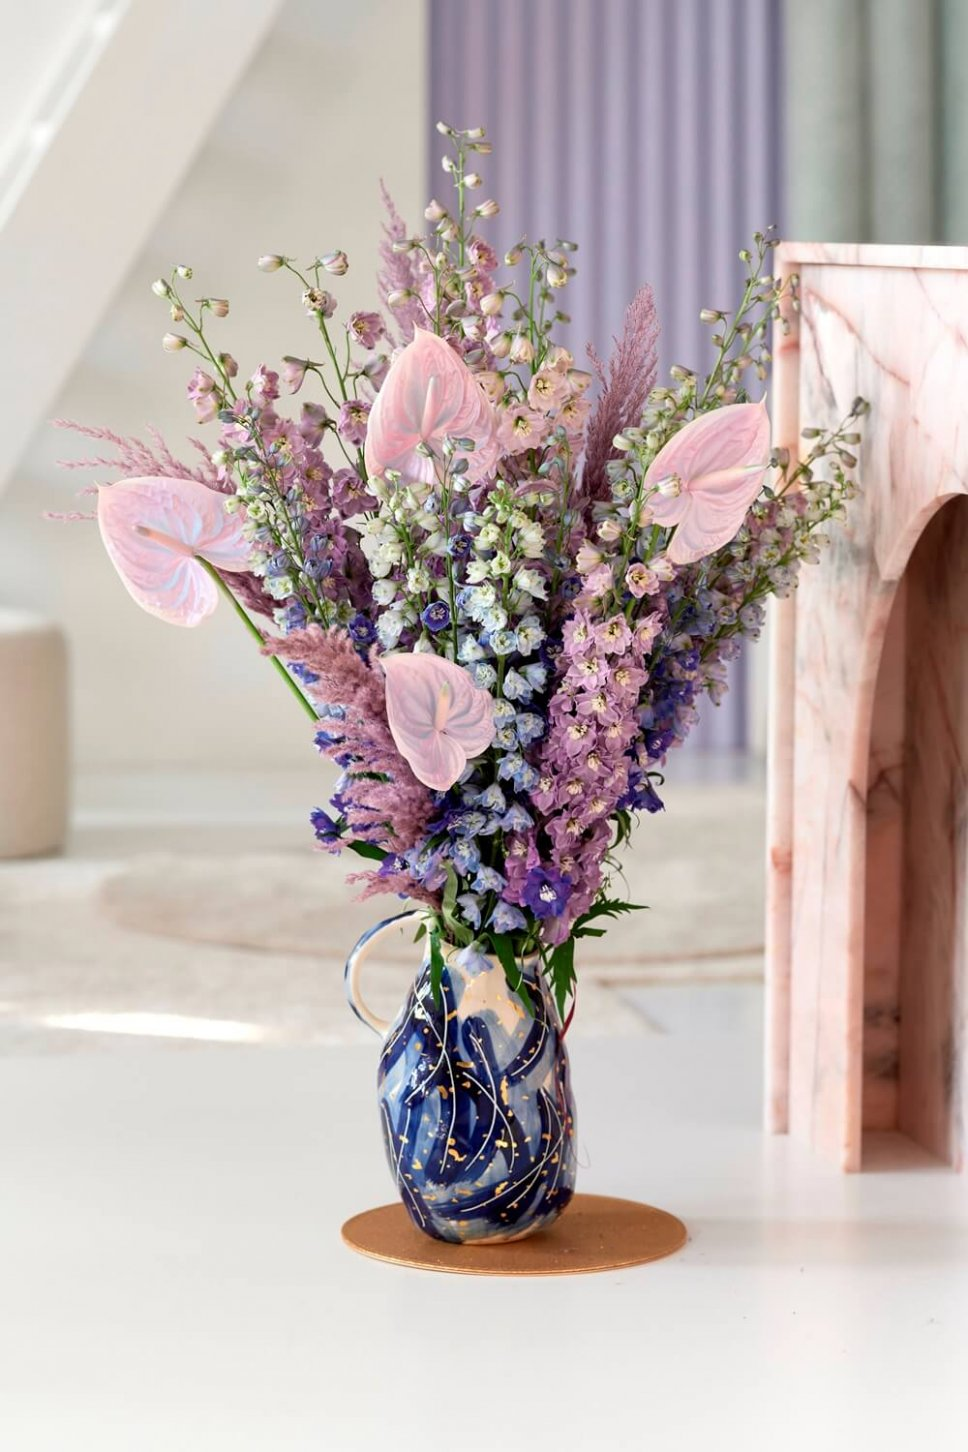 Moderner Wohnraum mit ausgefallener Vase, gefüllt mit Delphinium und Anthurien